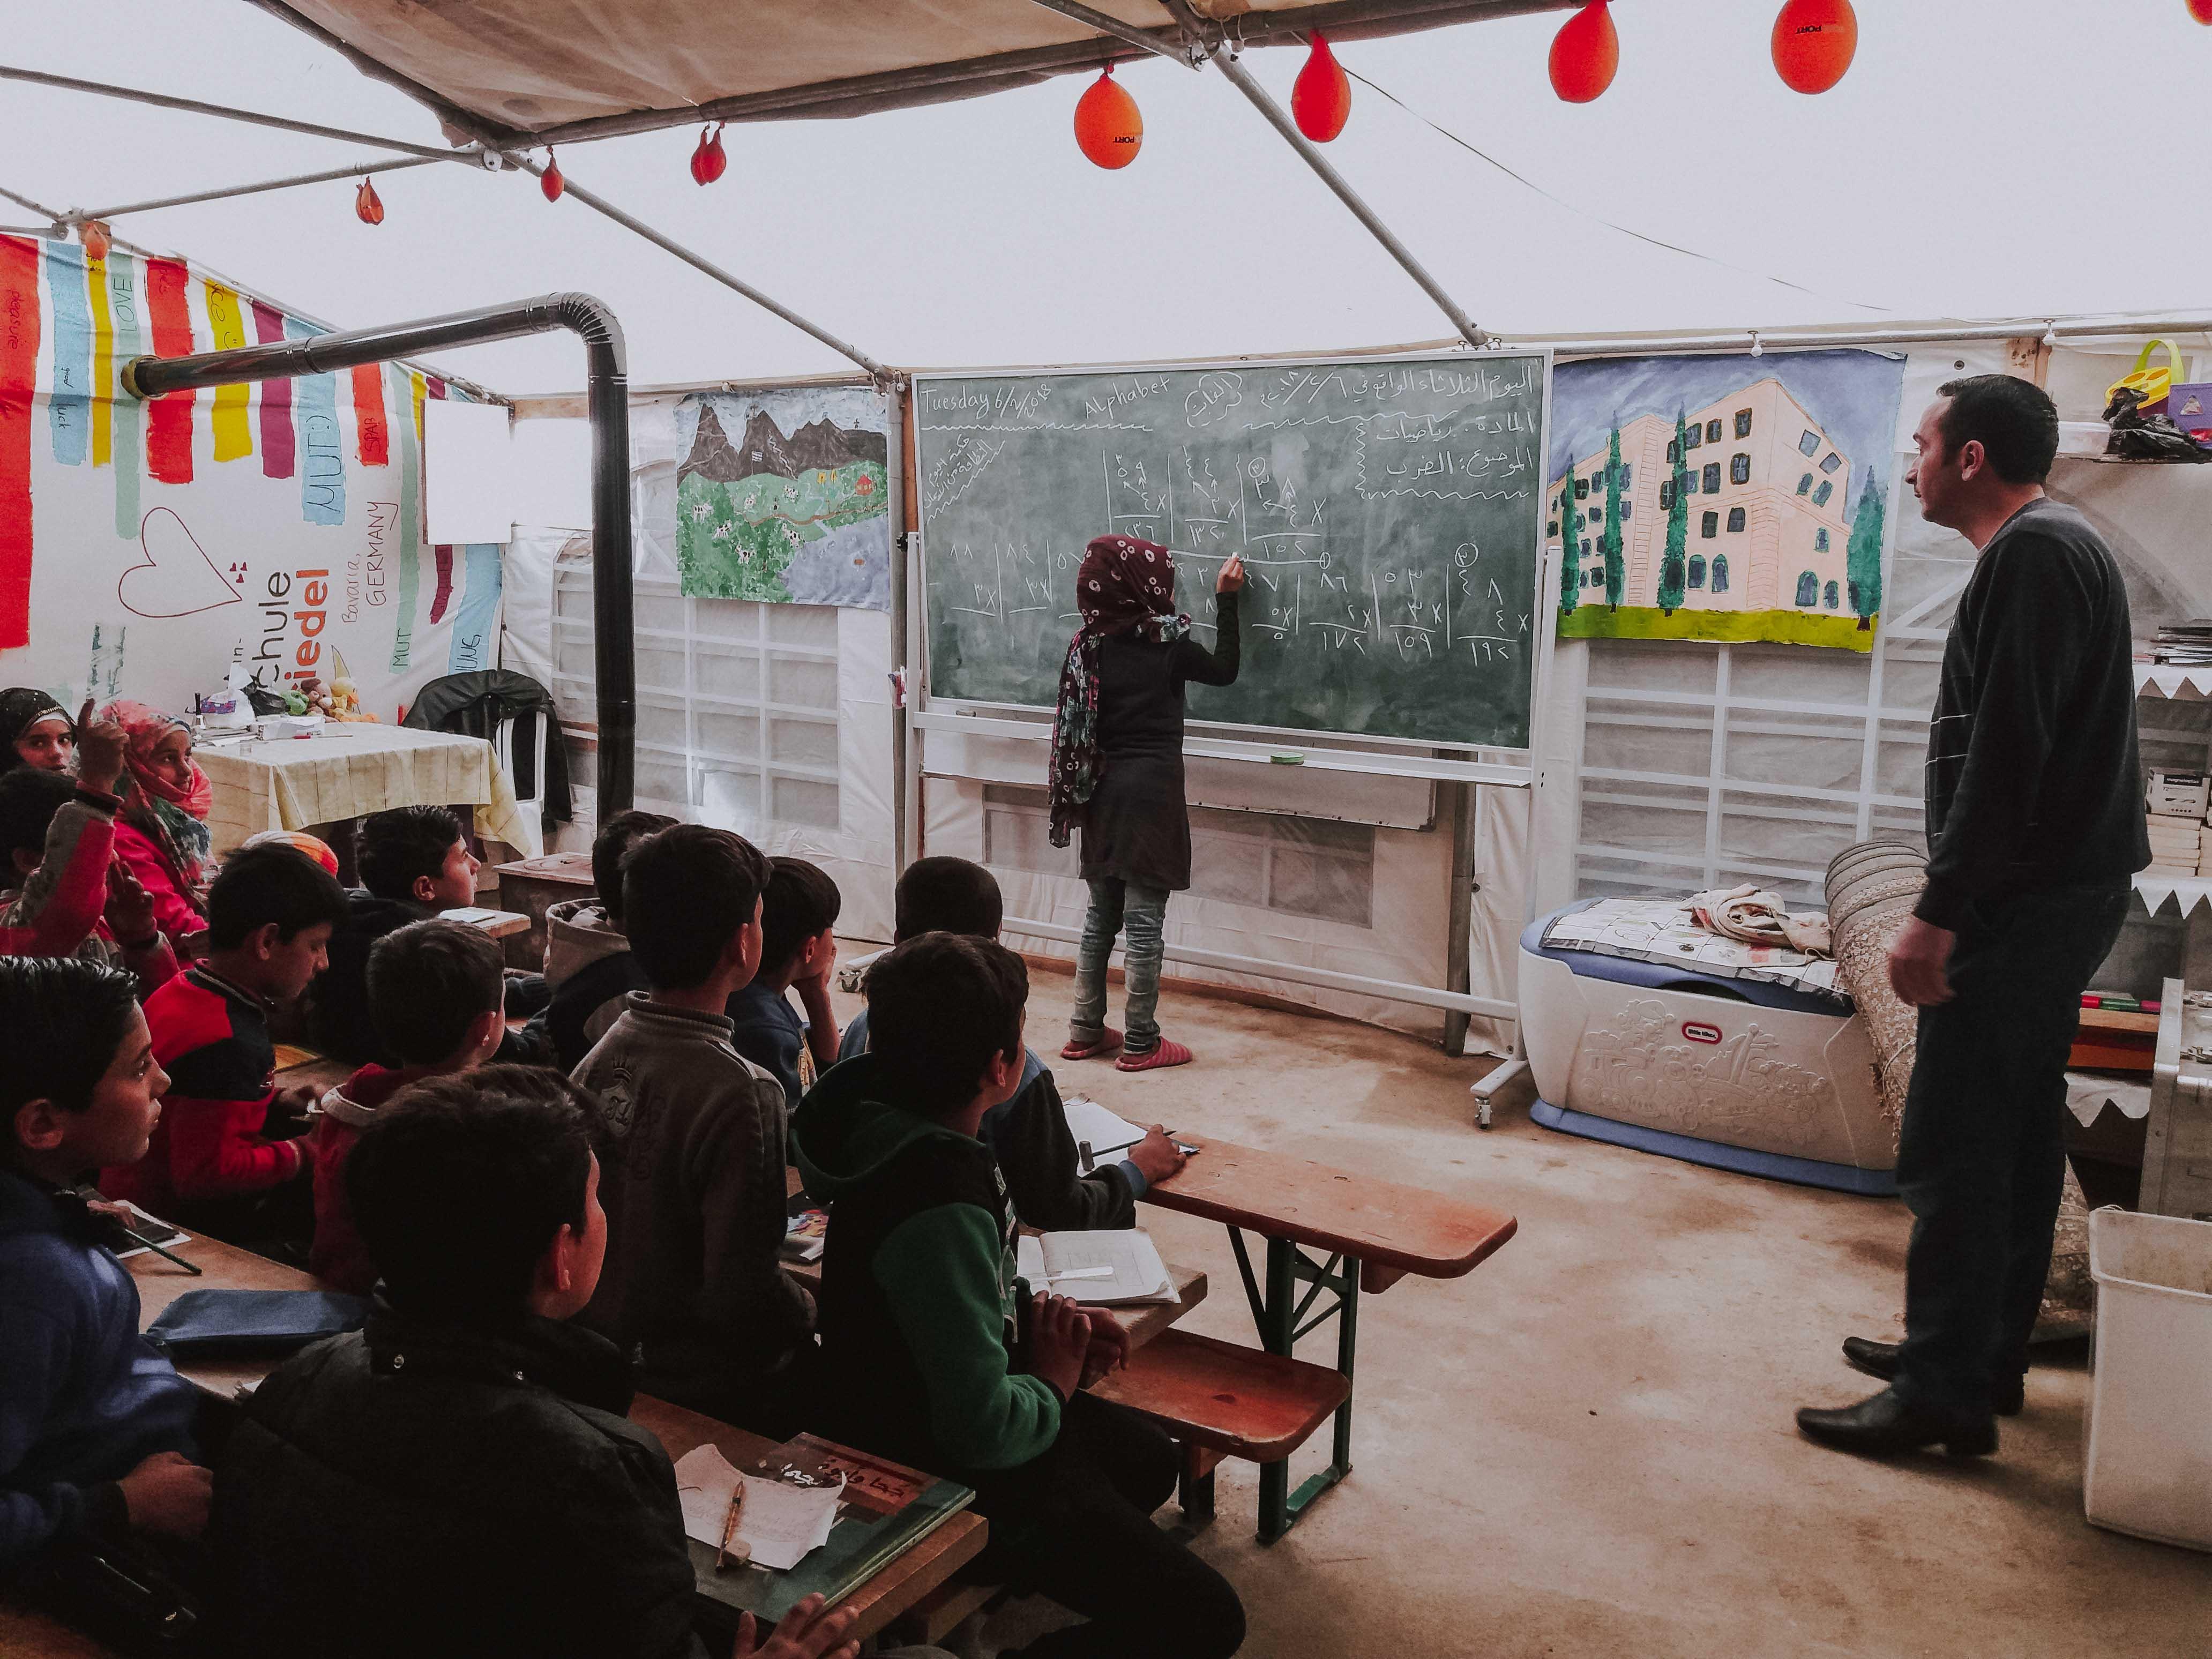 In der Zeltschule lernen Kinder und Frauen